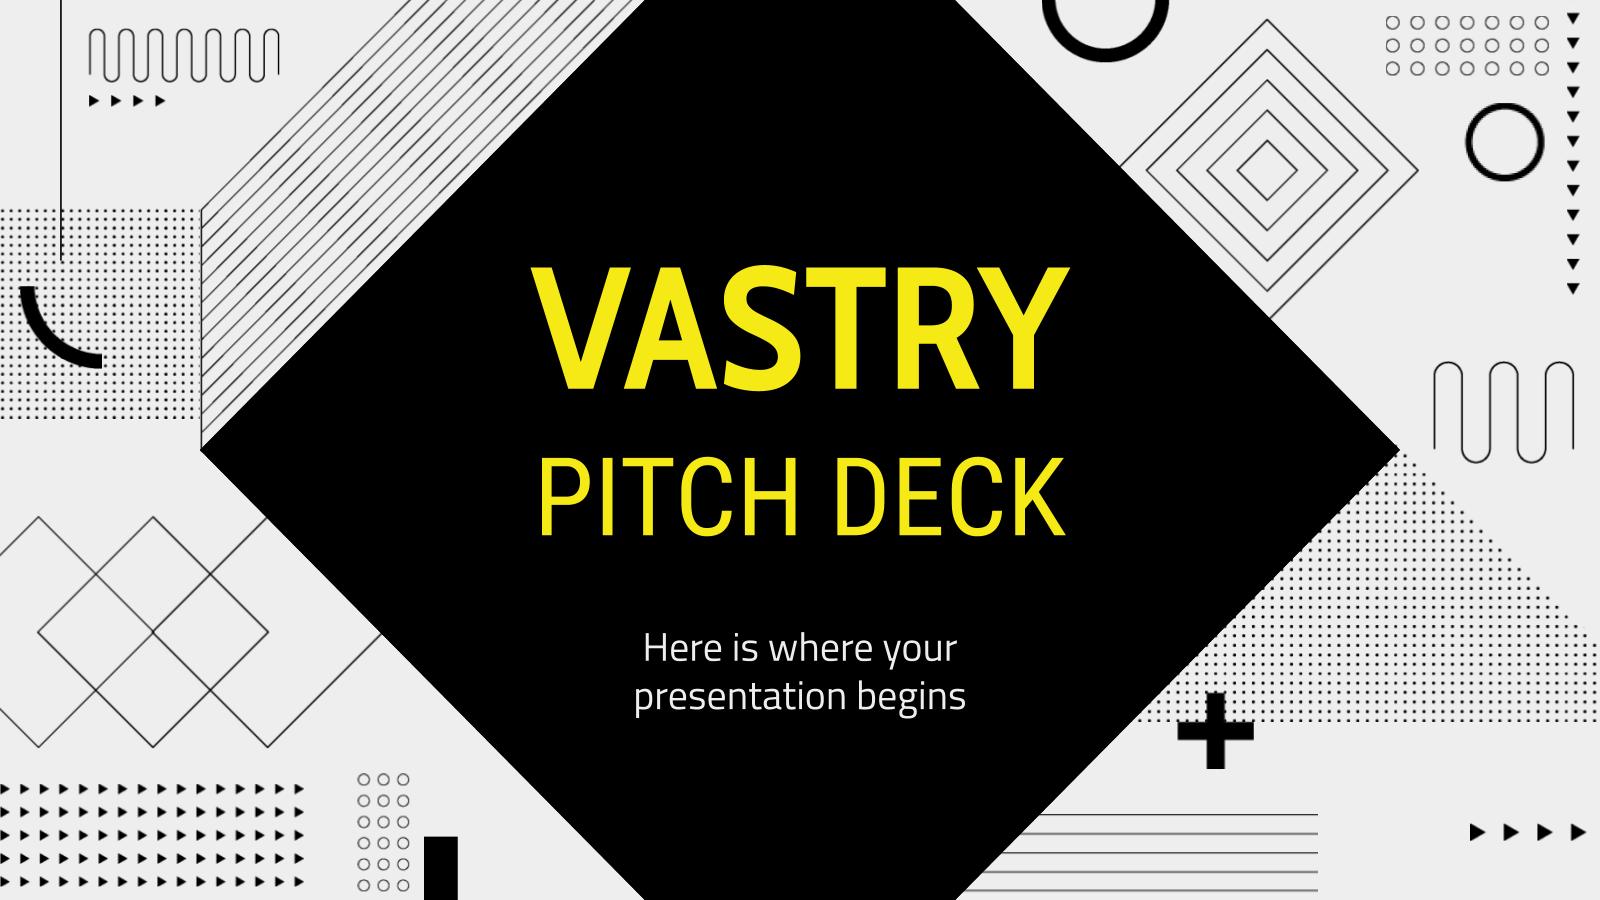 Plantilla de presentación Pitch deck Vastry